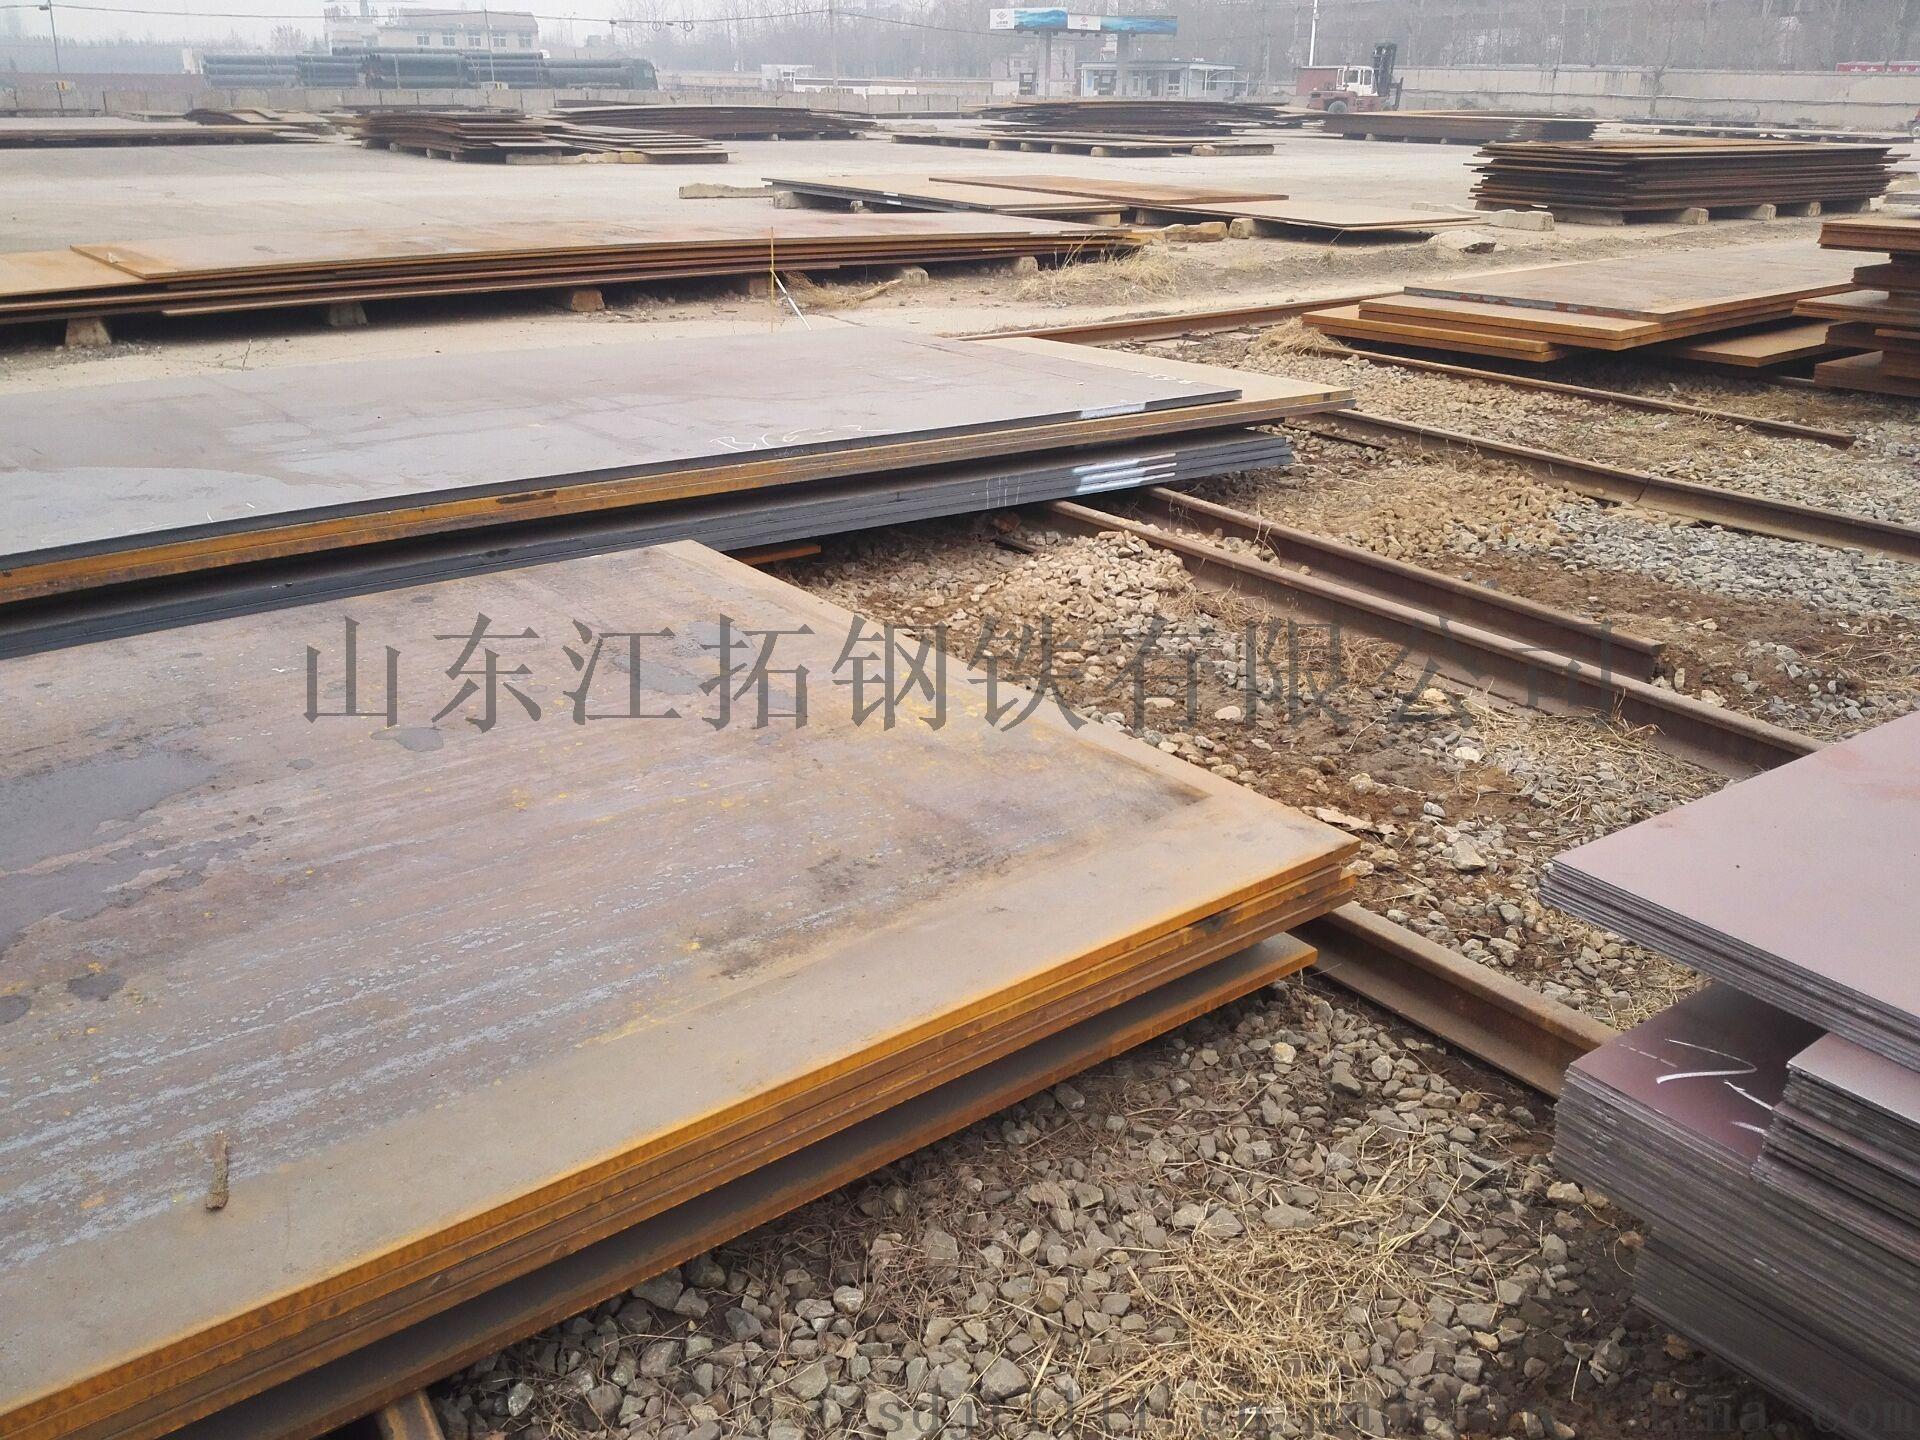 容器板钢厂直发 锅炉板现货 钢板定扎各大钢厂容器板锅炉板904242165